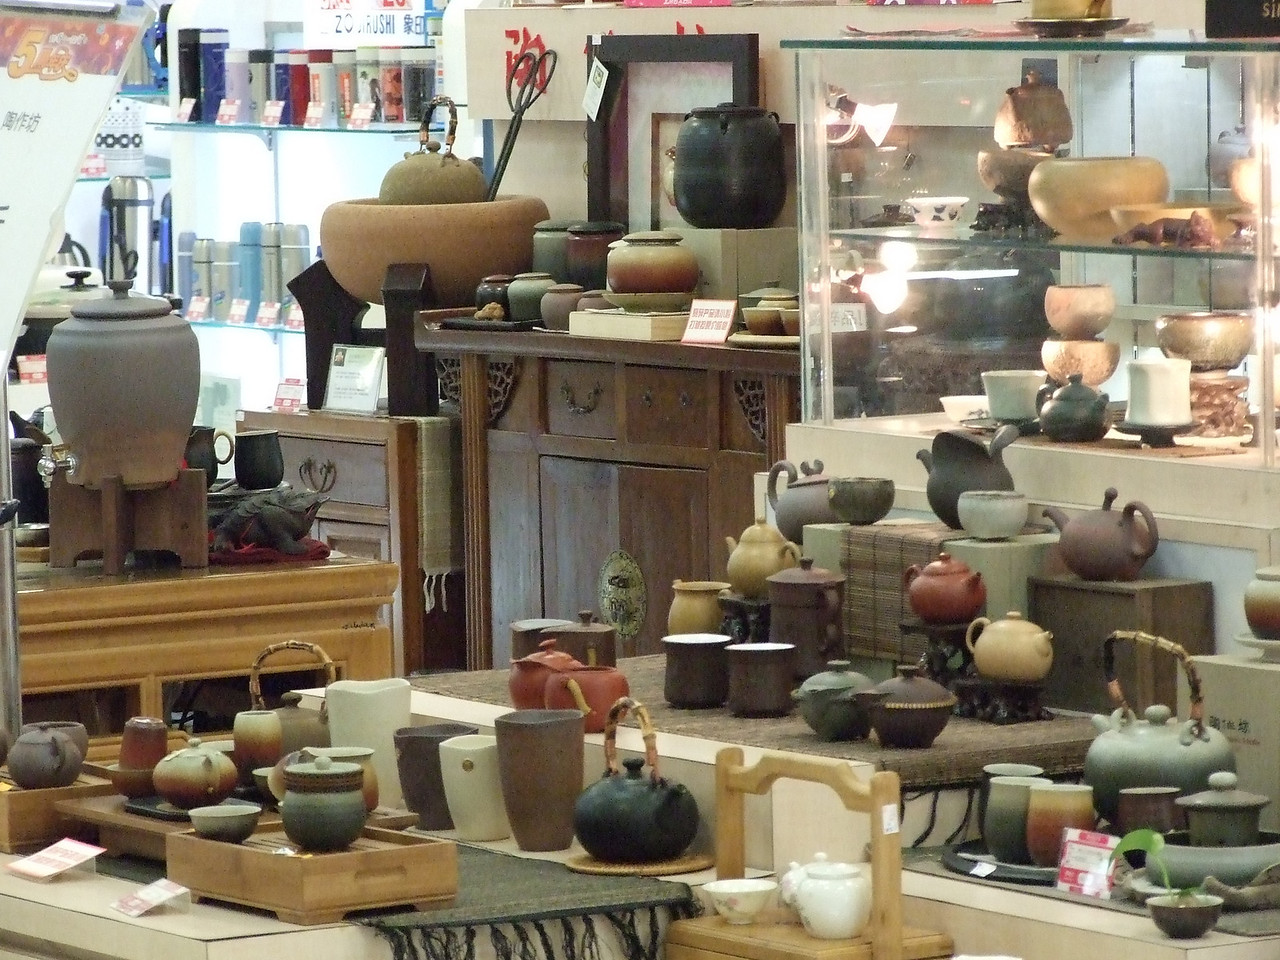 un stand de thé dans un grand magasin